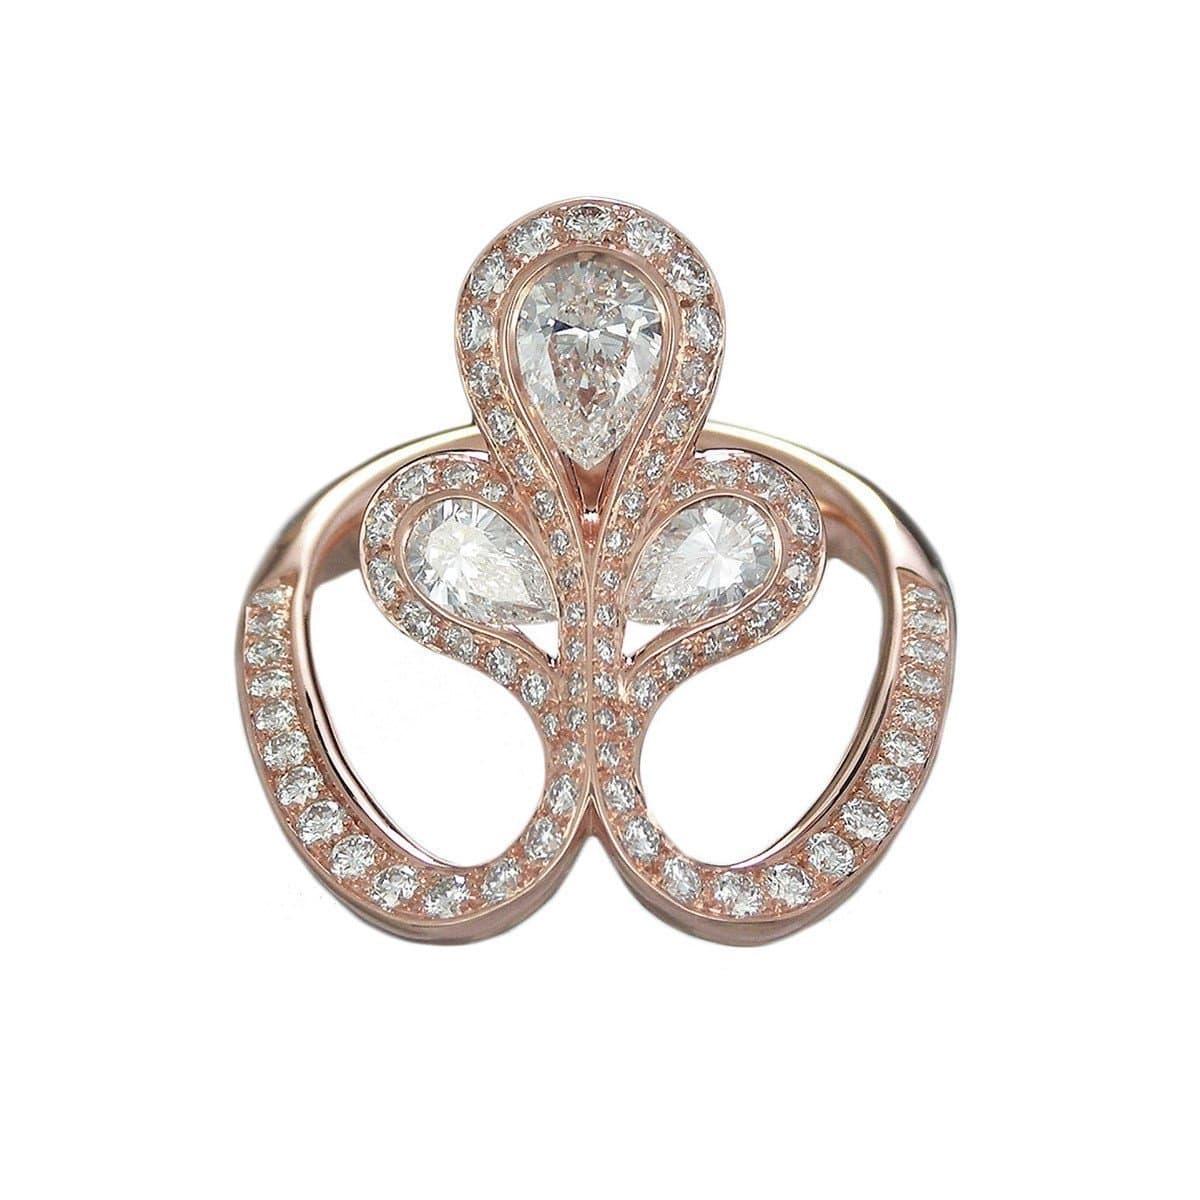 Rose Gold & Diamond Royale Flower Ring | Baenteli